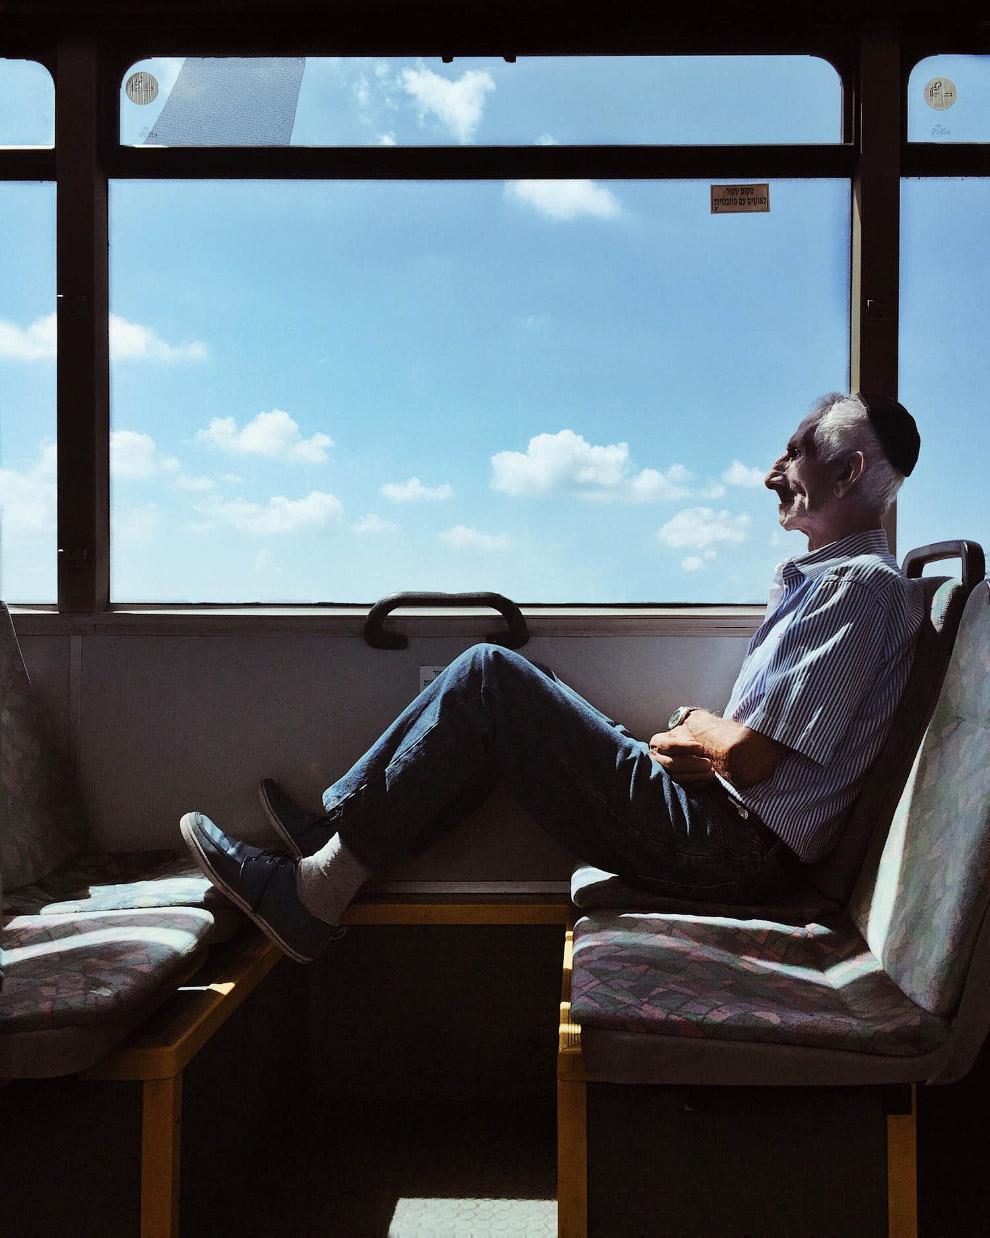 В израильском автобусе